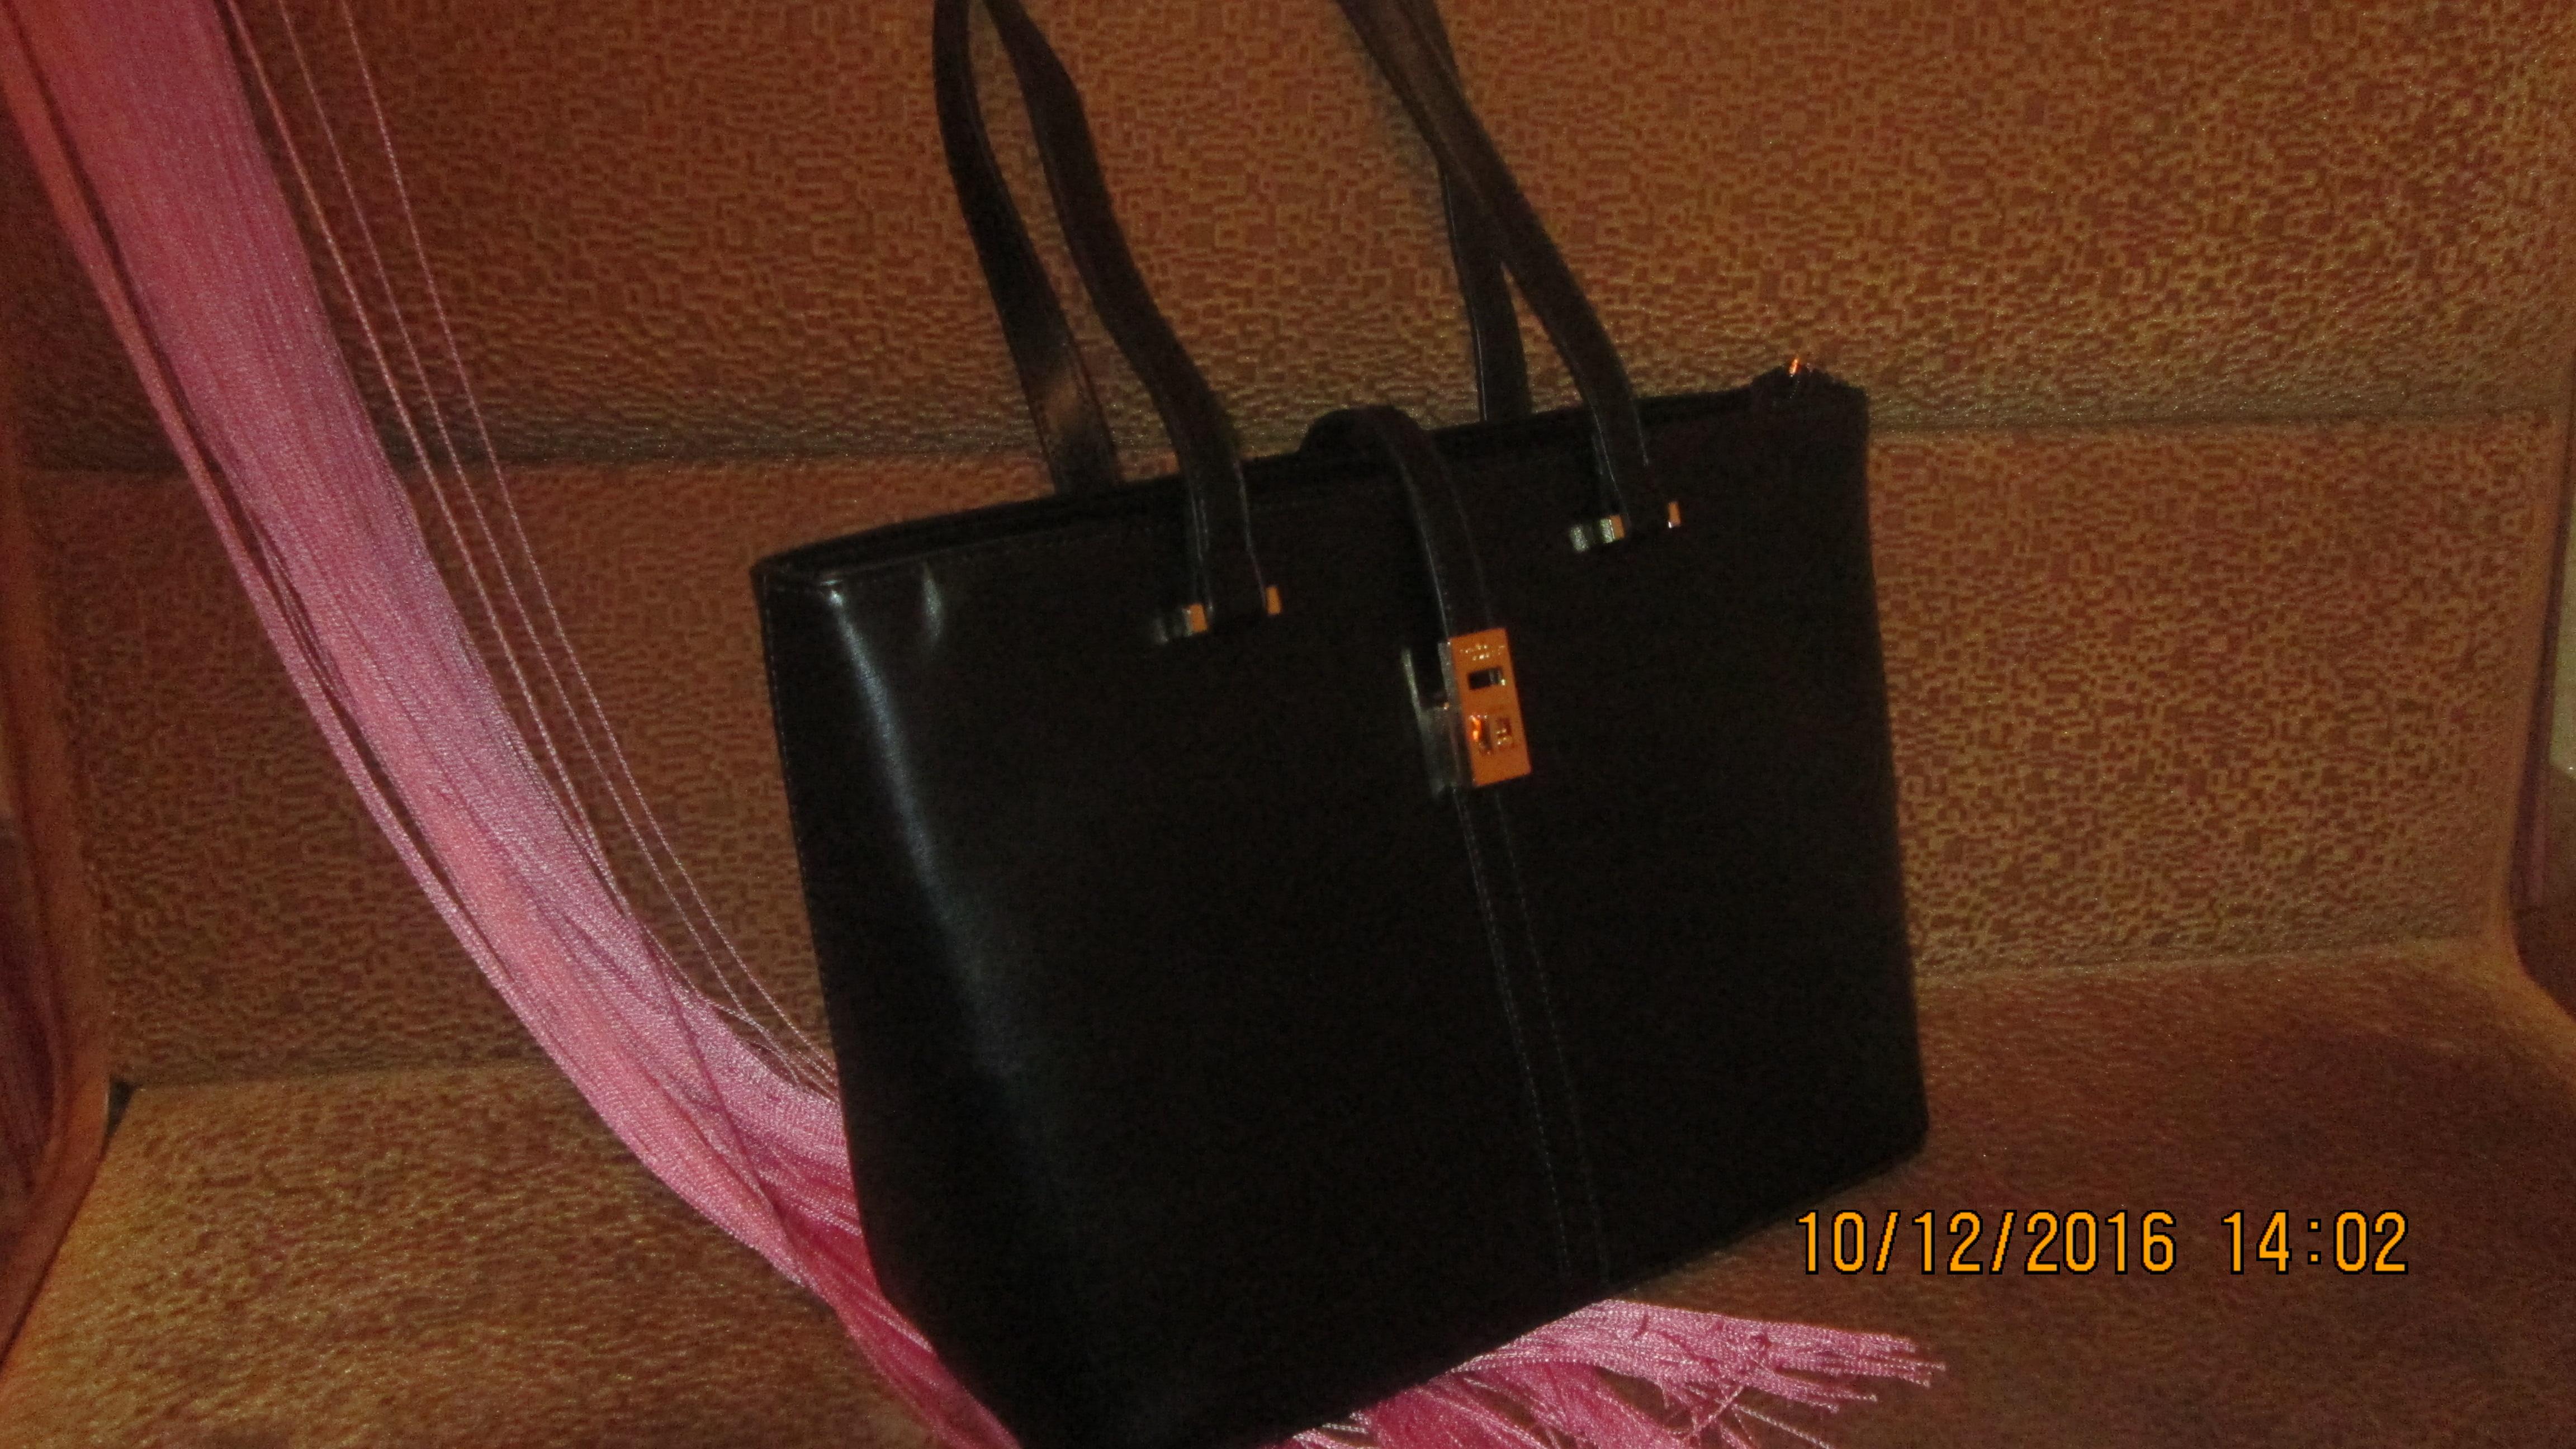 31e344296a0f Брала сумку David Jones 5219-5 Black . Качество порадовало, очень аккуратно  и крепко прошито. Выглядит как на фото с сайта.